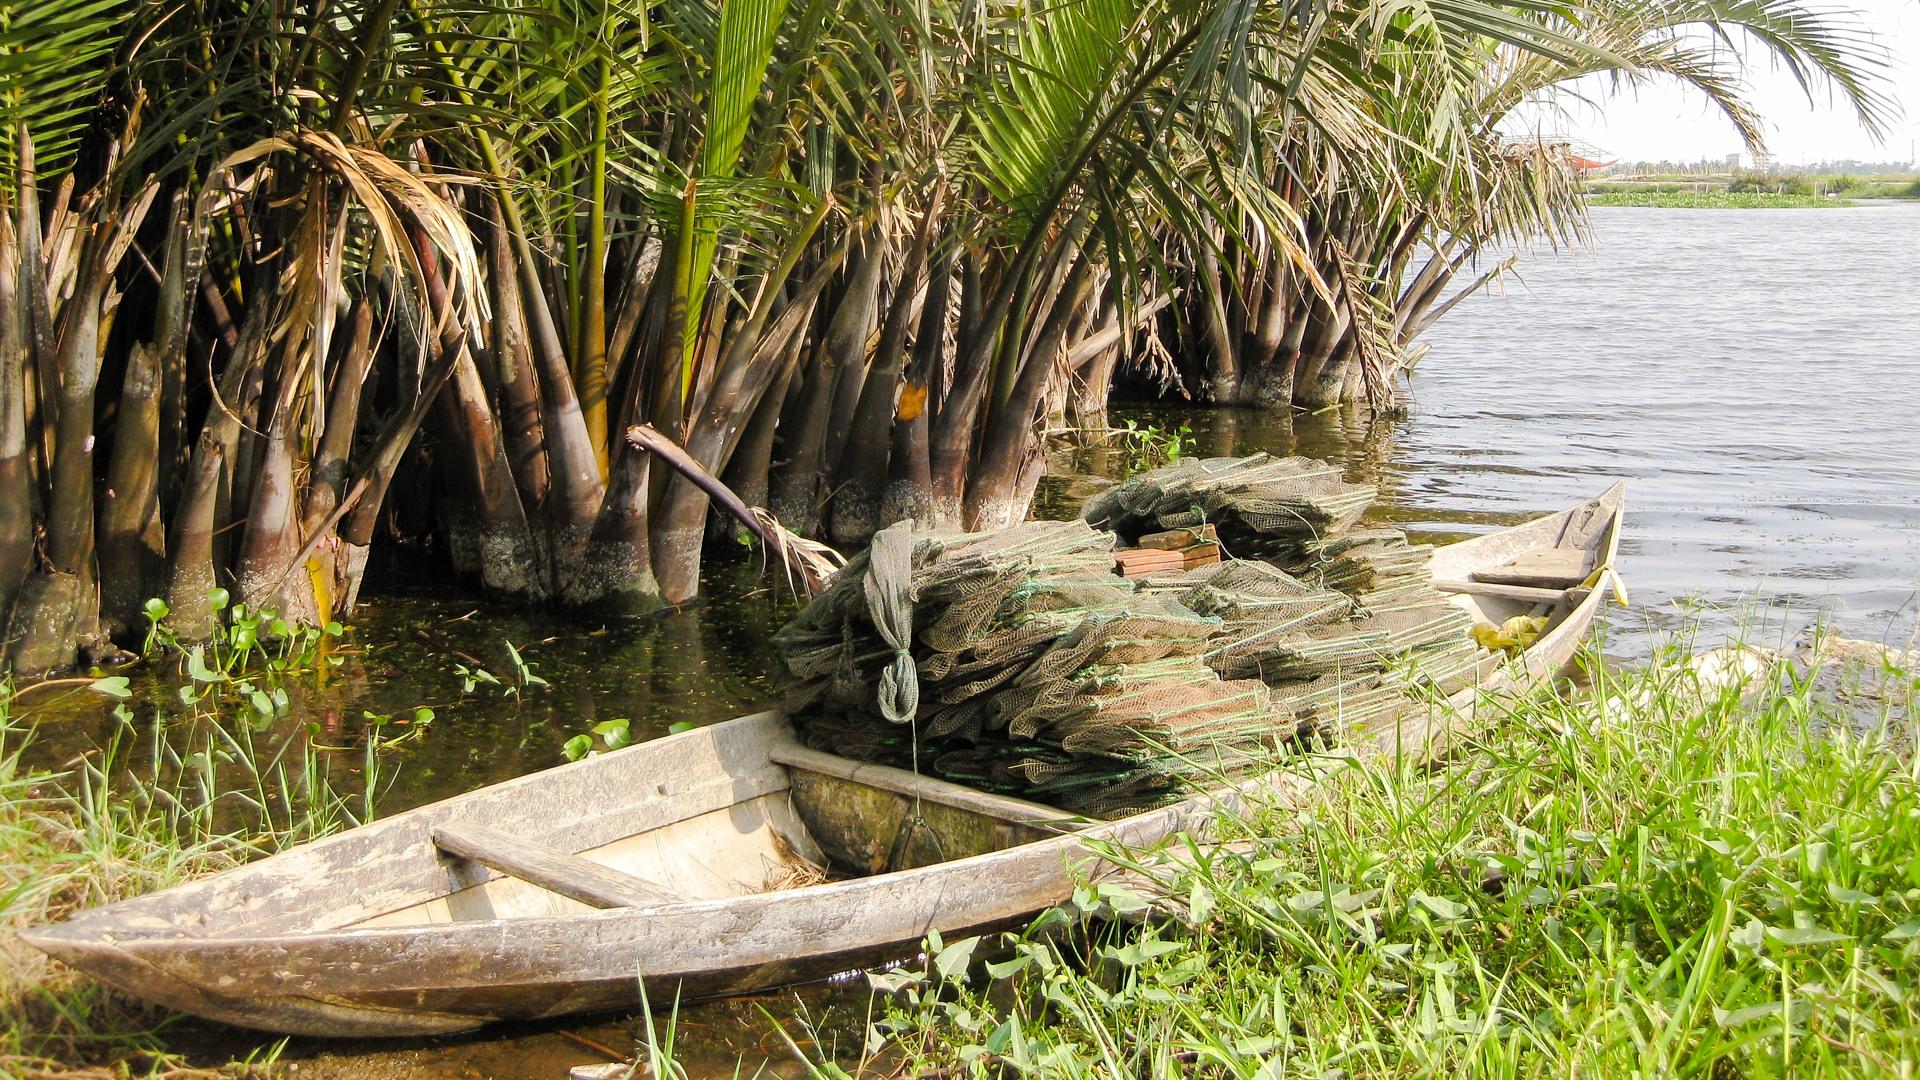 Рыбацкая лодка на реке Thu Bon